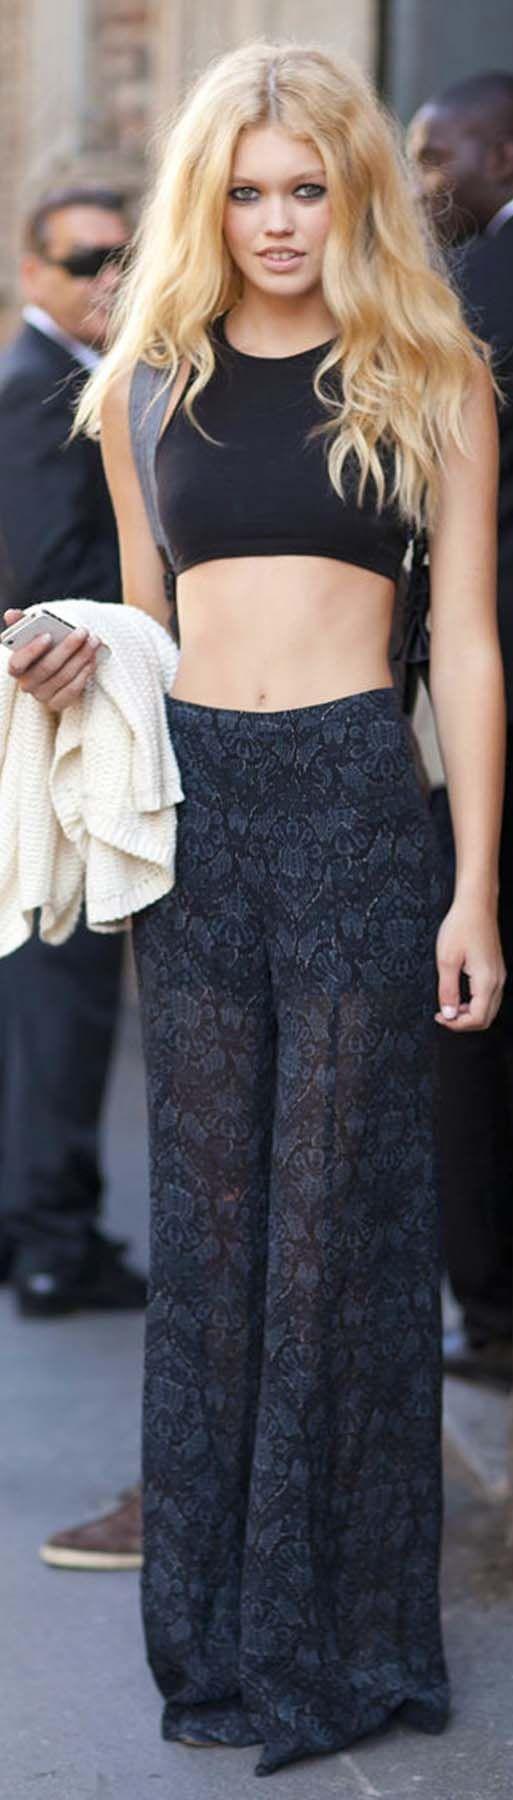 Milan Fashion Week 2013/14